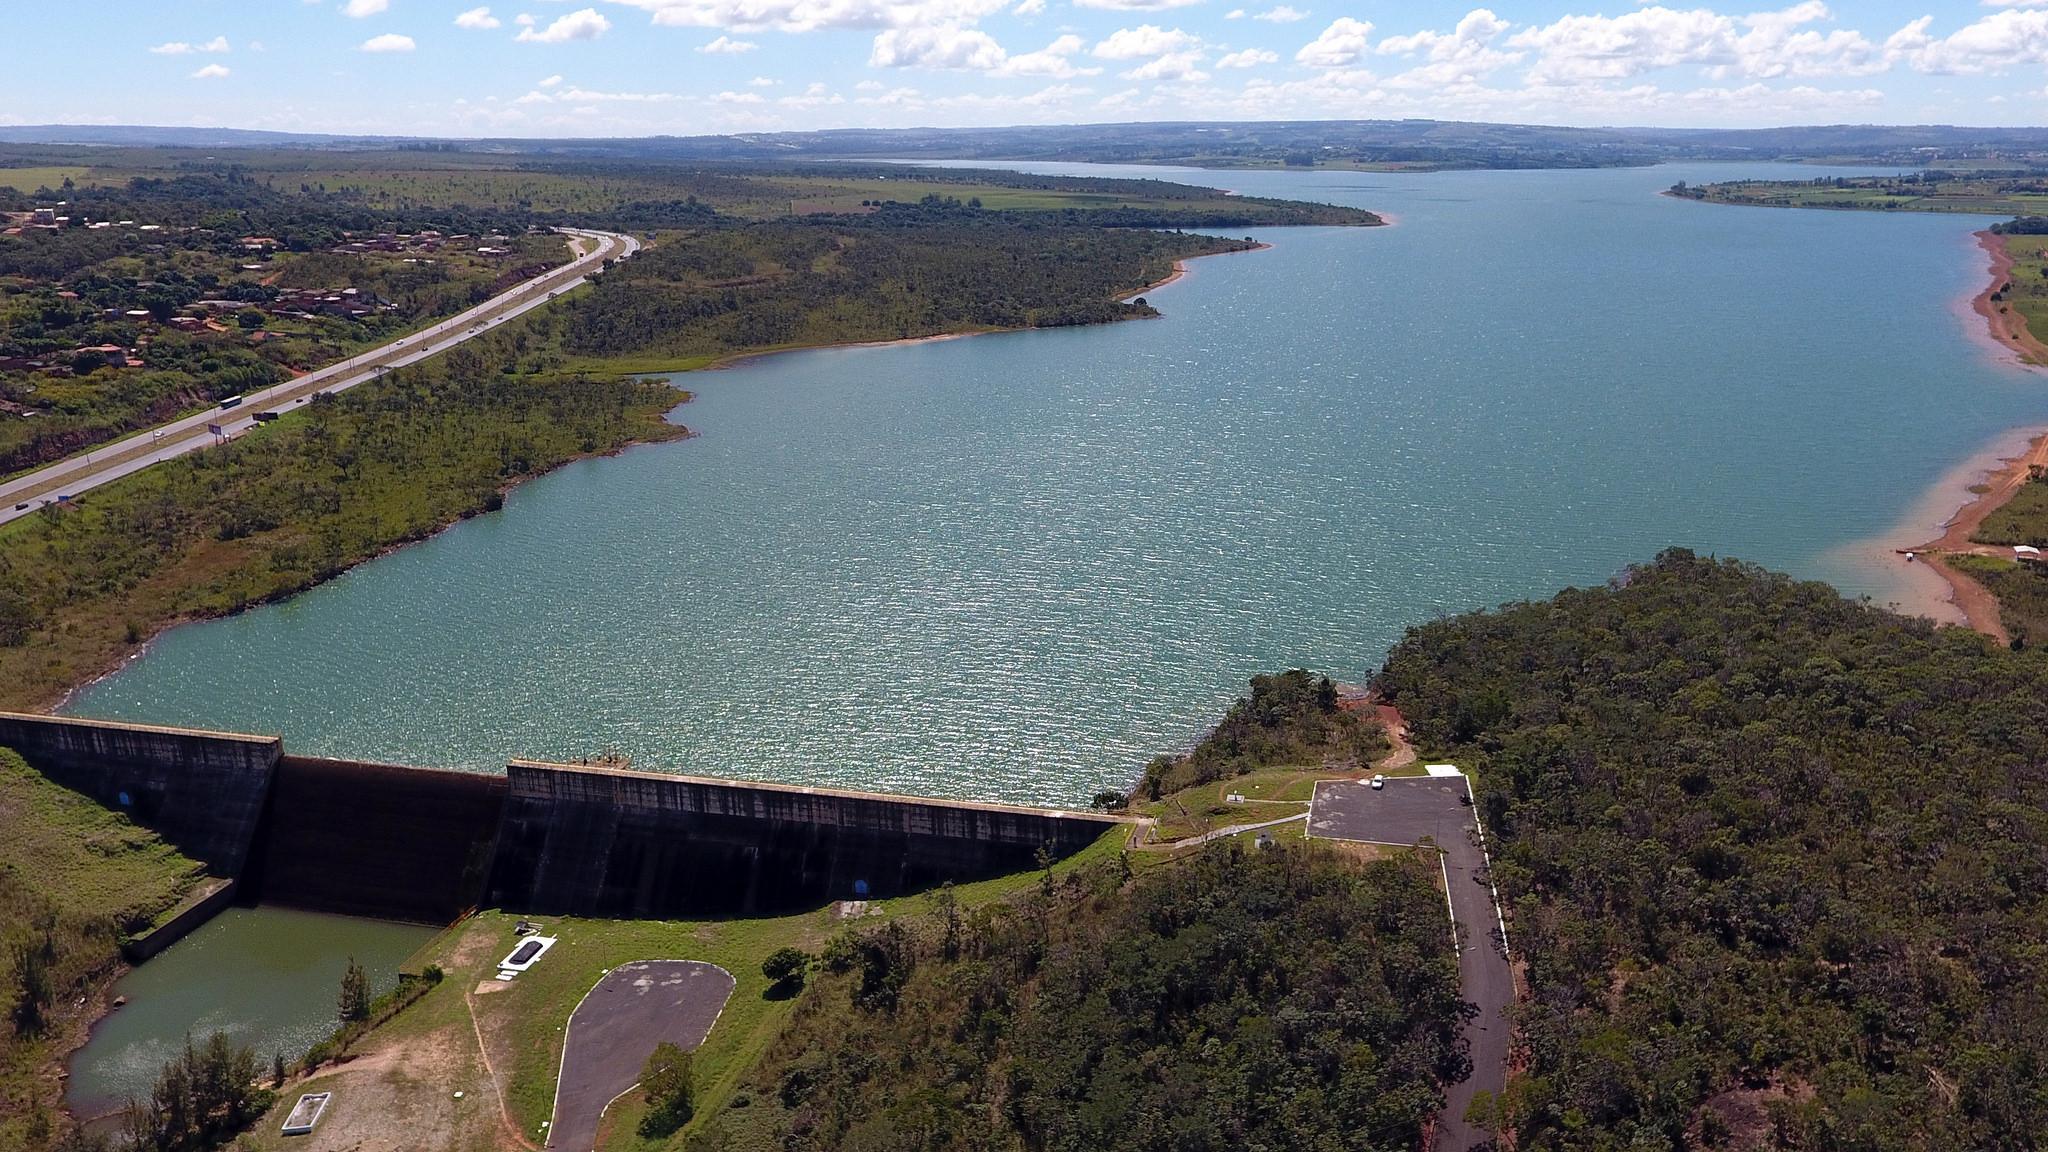 Meio Ambiente - água - Barragem do Descoberto DF 3/5/18 recursos hídricos abastecimento